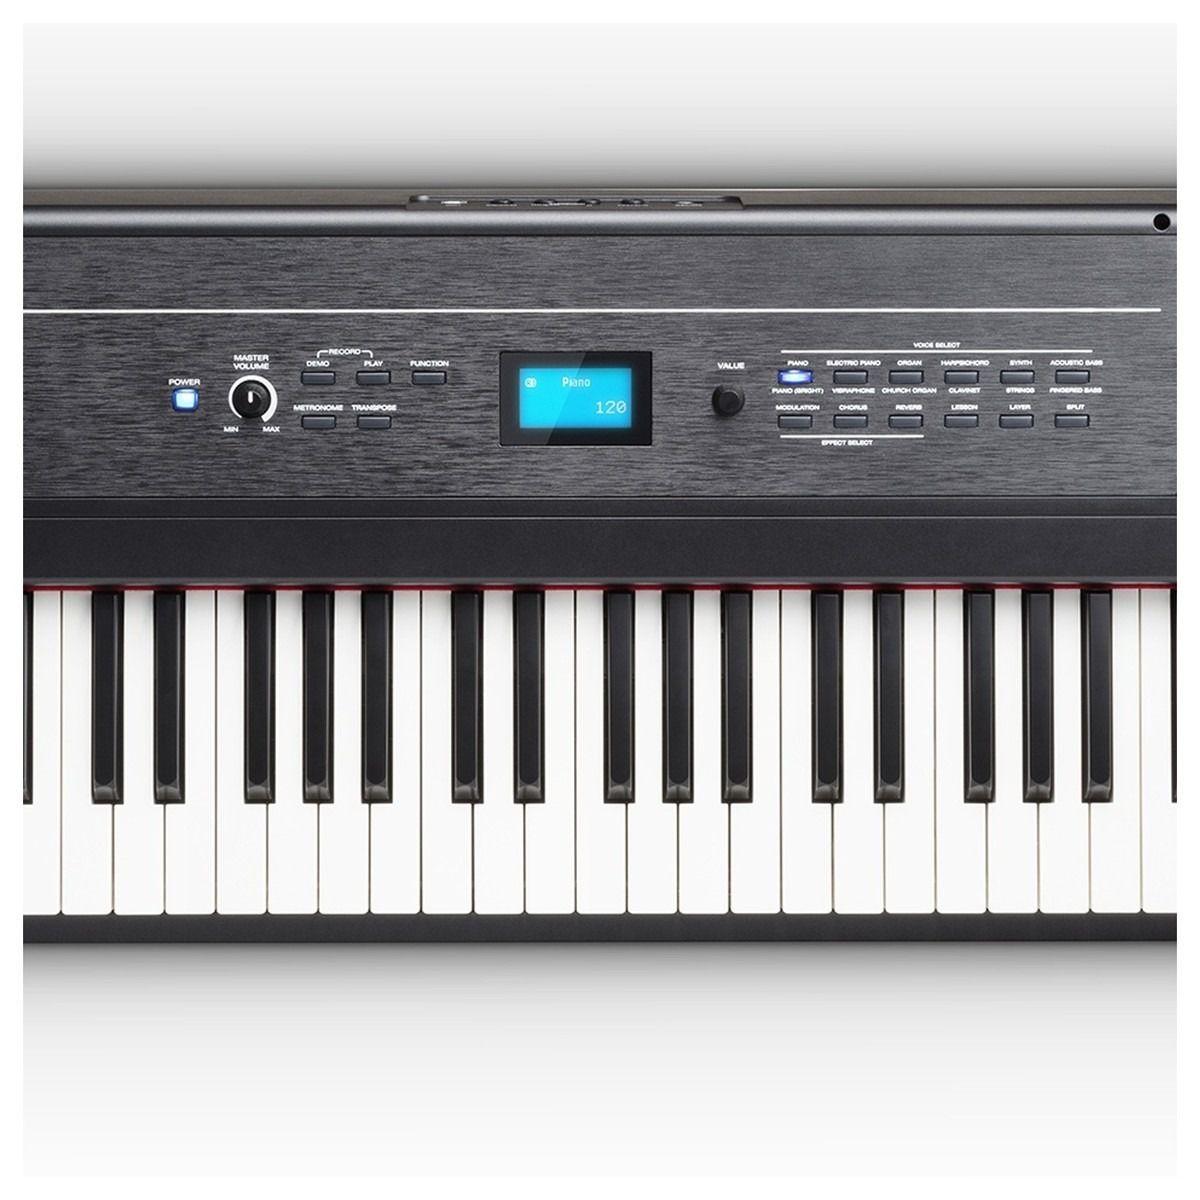 PIANO DIGITAL ALESIS RECITAL PRO 88 TECLAS PESADAS